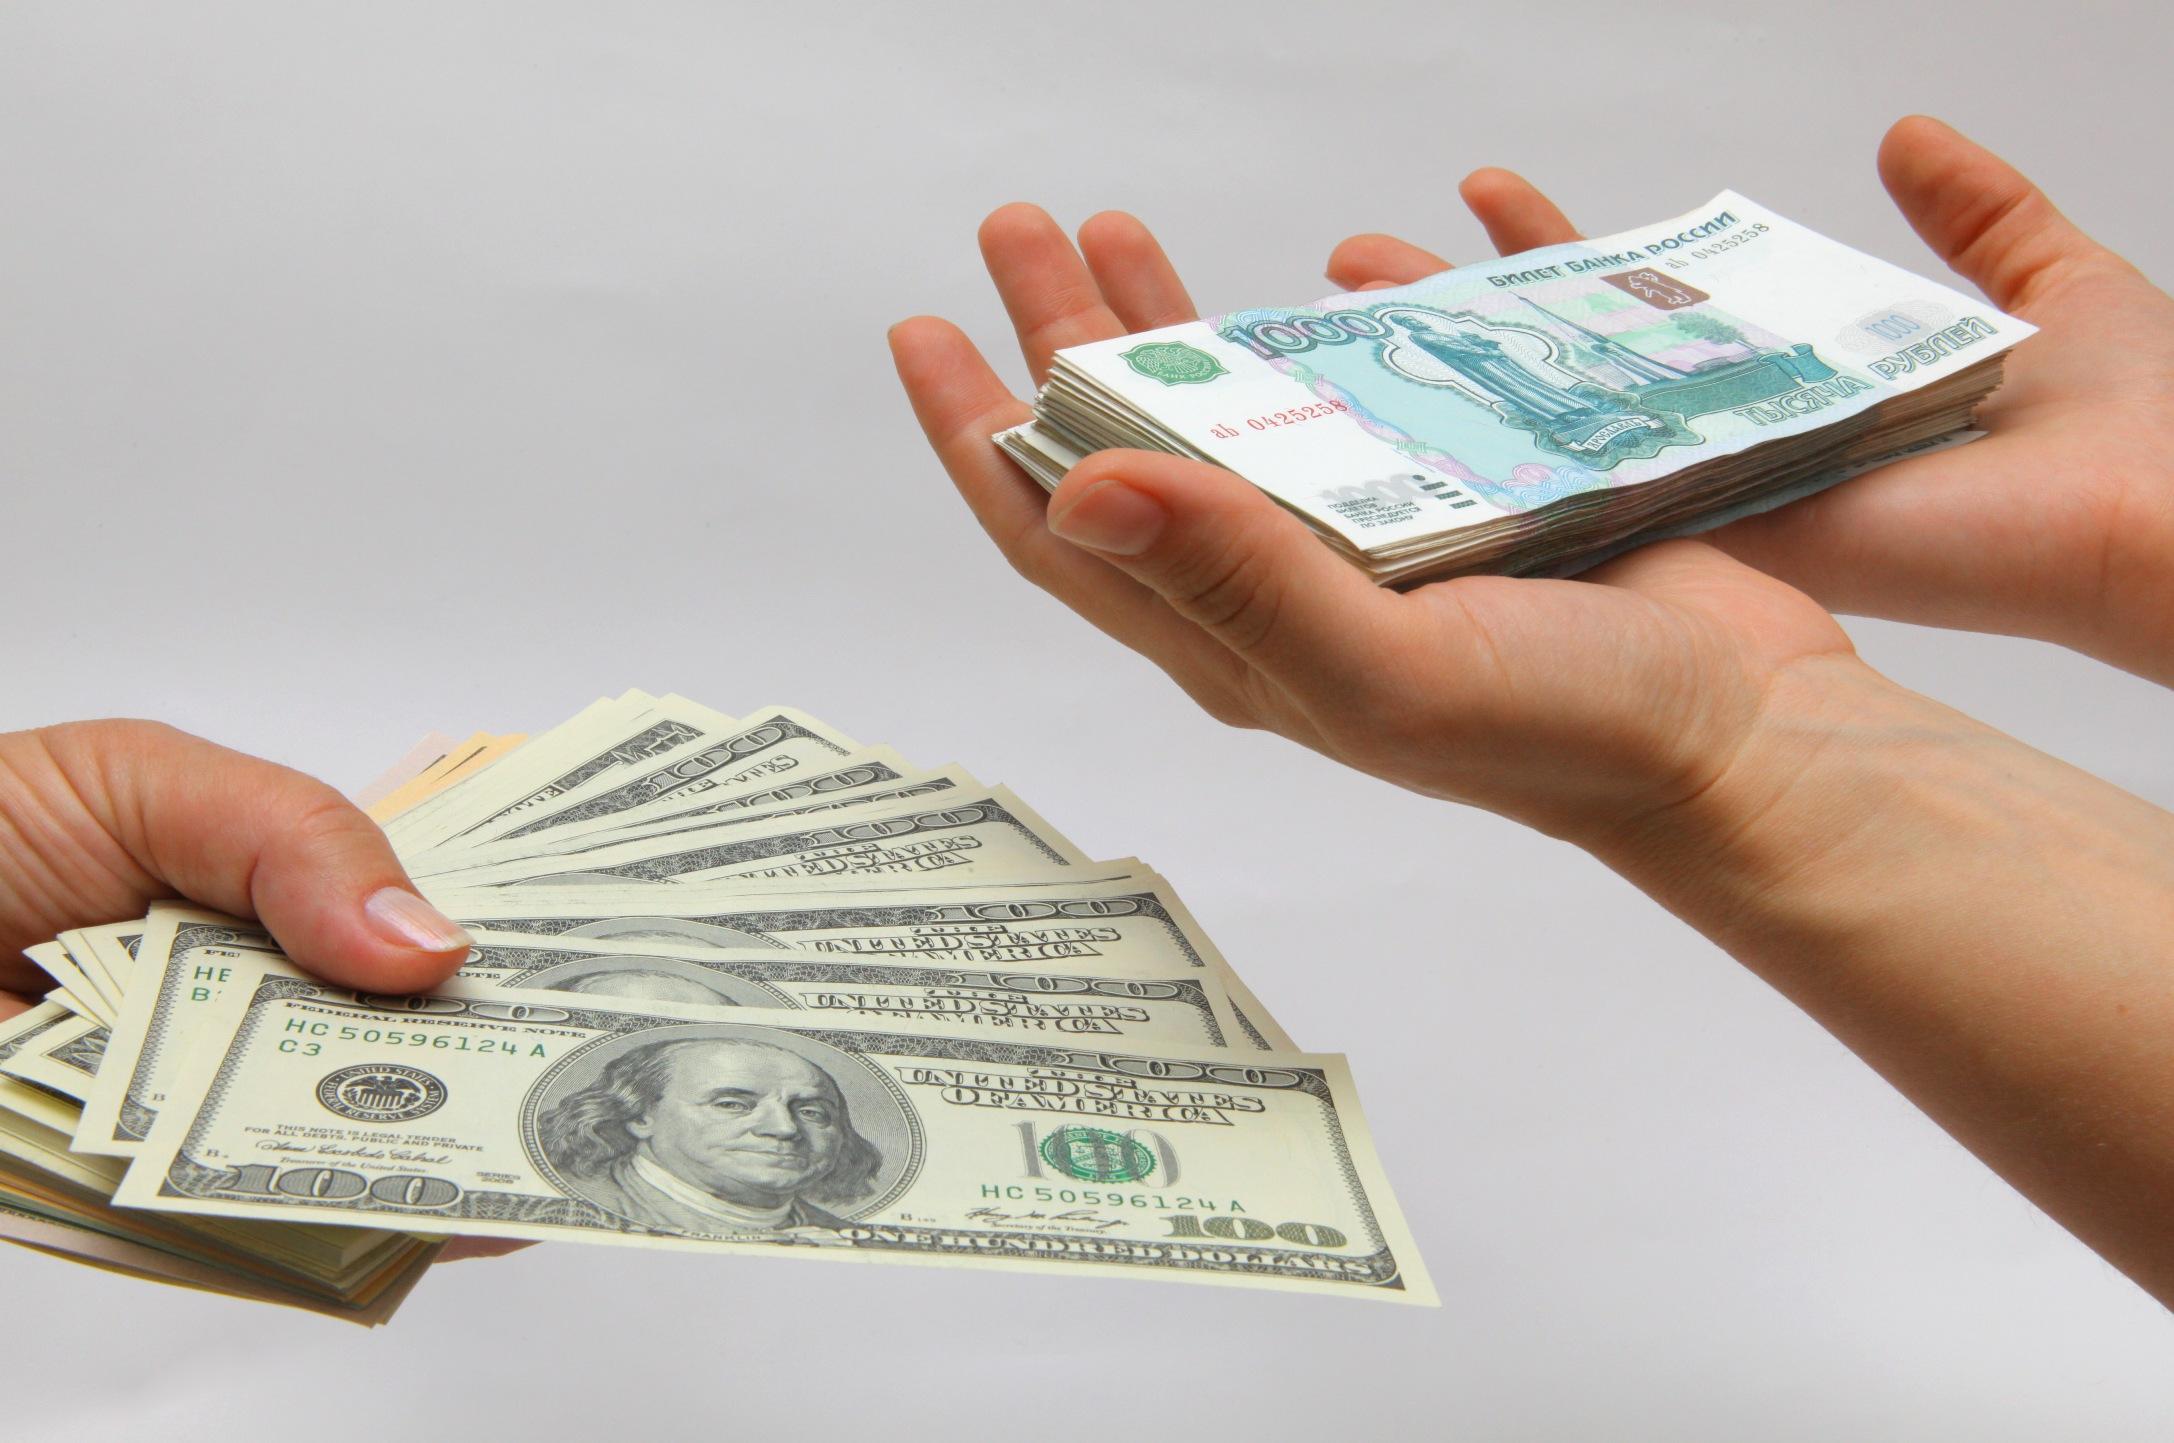 будет ли рости курс валют после нового года невозможно